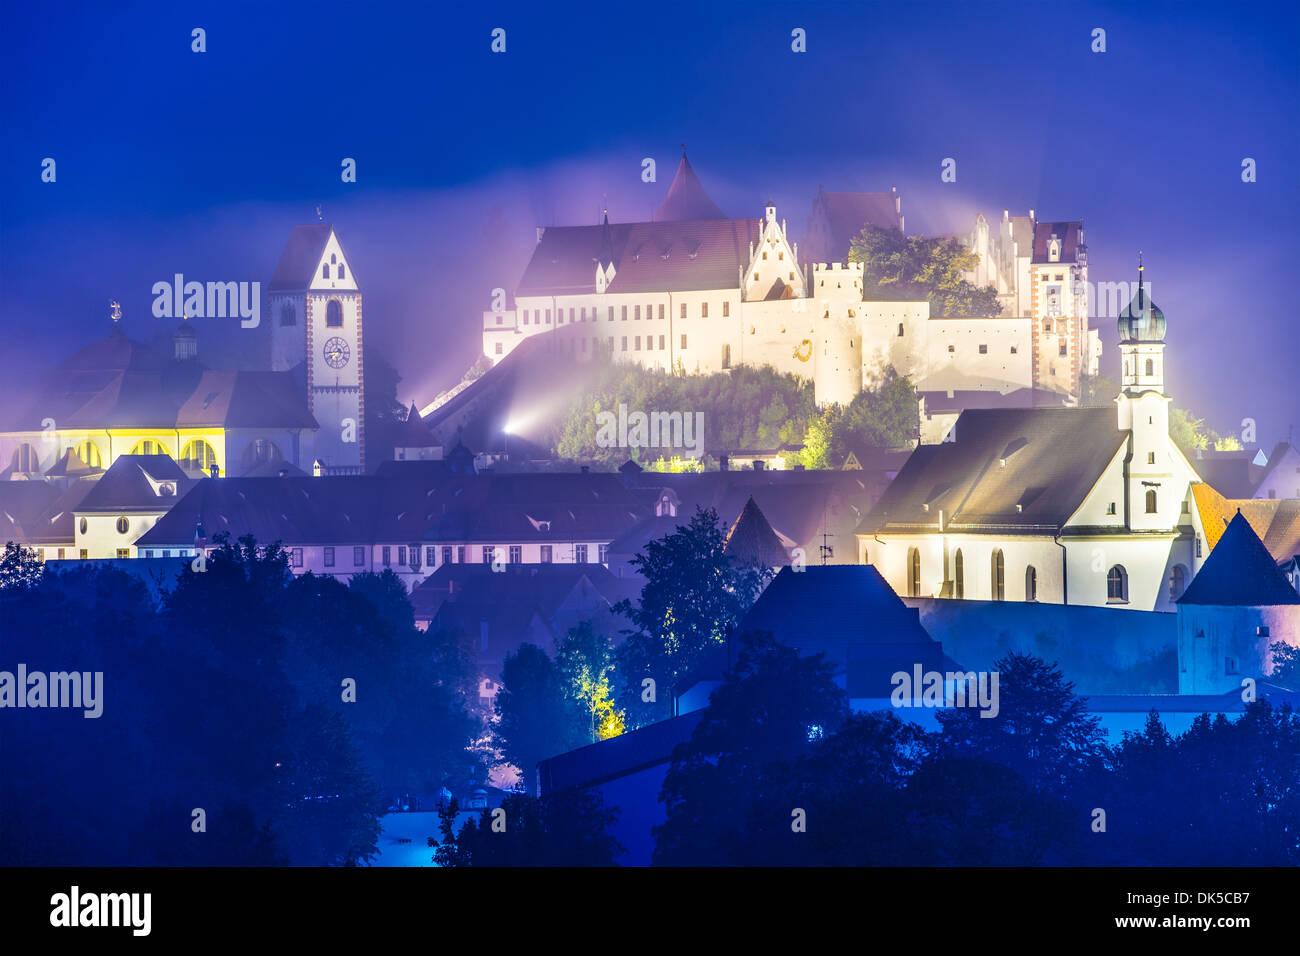 Misty noche en Fussen, Alemania. Foto de stock